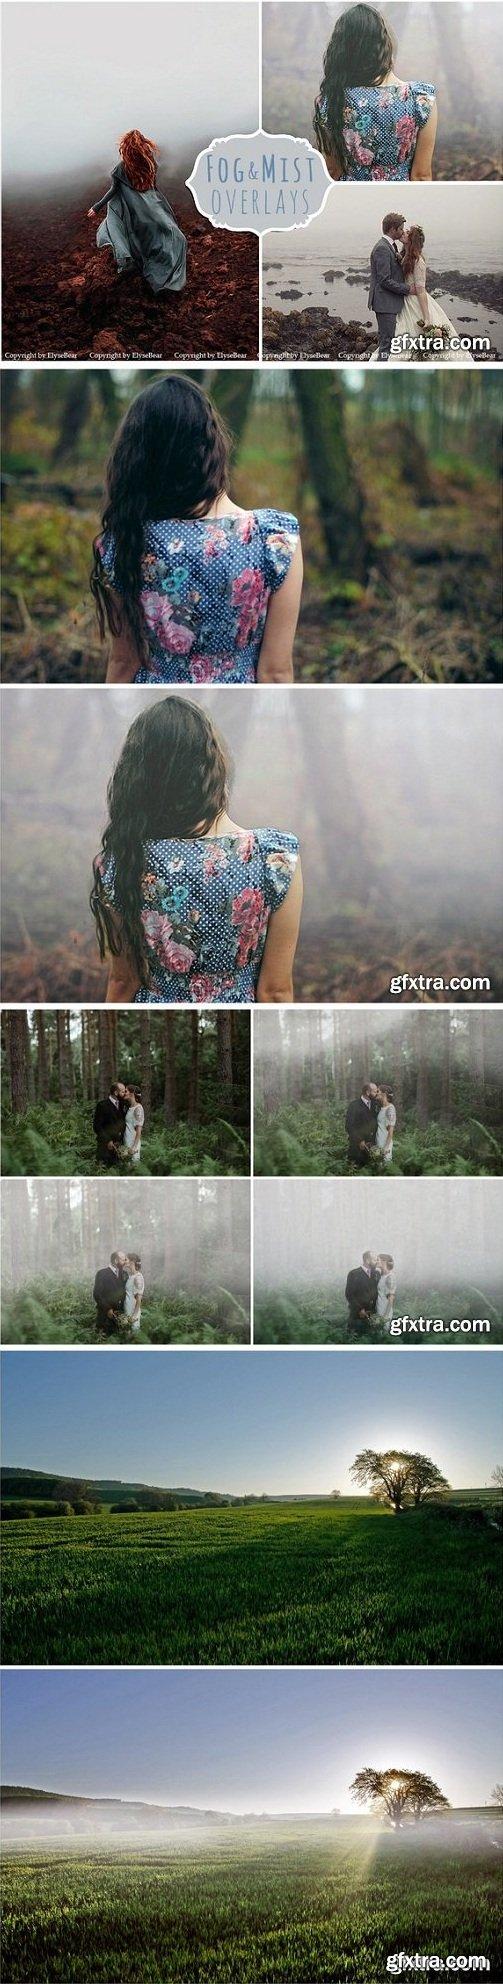 Fog Photoshop Overlays & Brushes